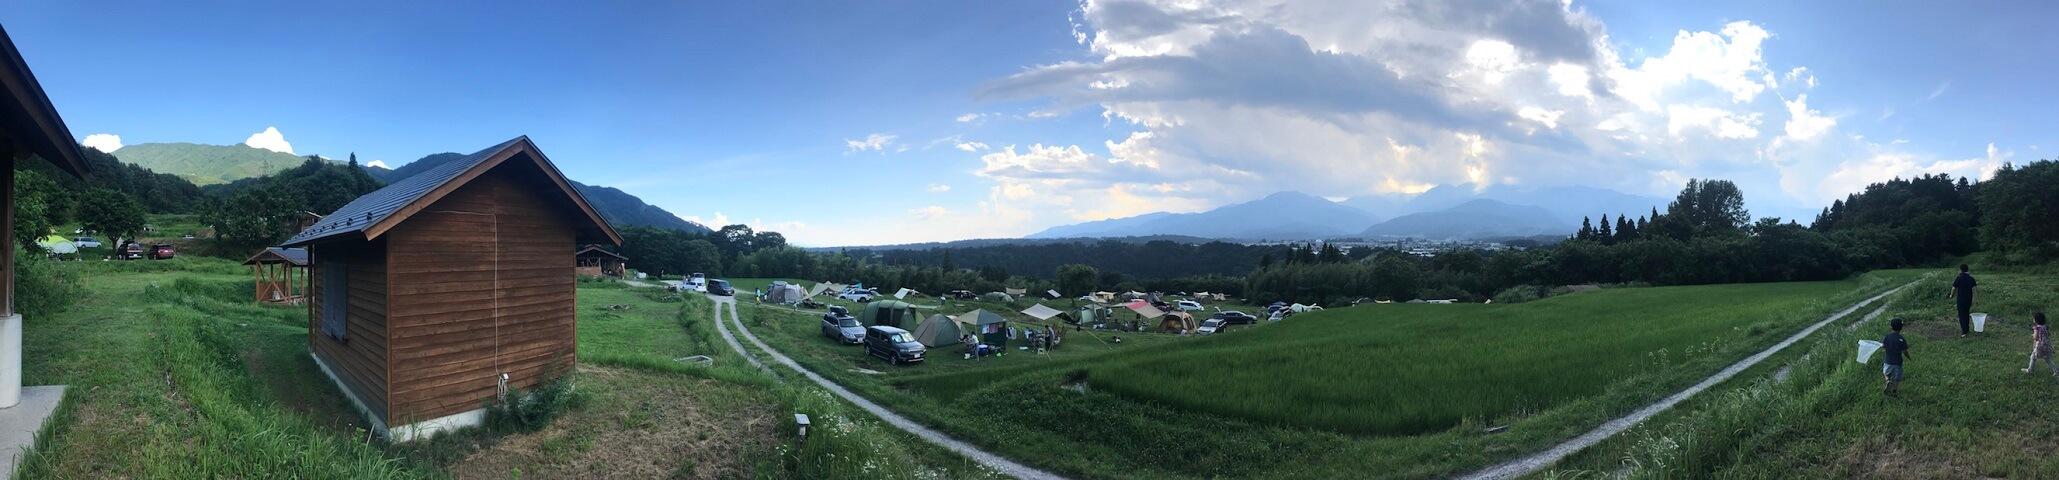 風 場 キャンプ の 天気 いなか